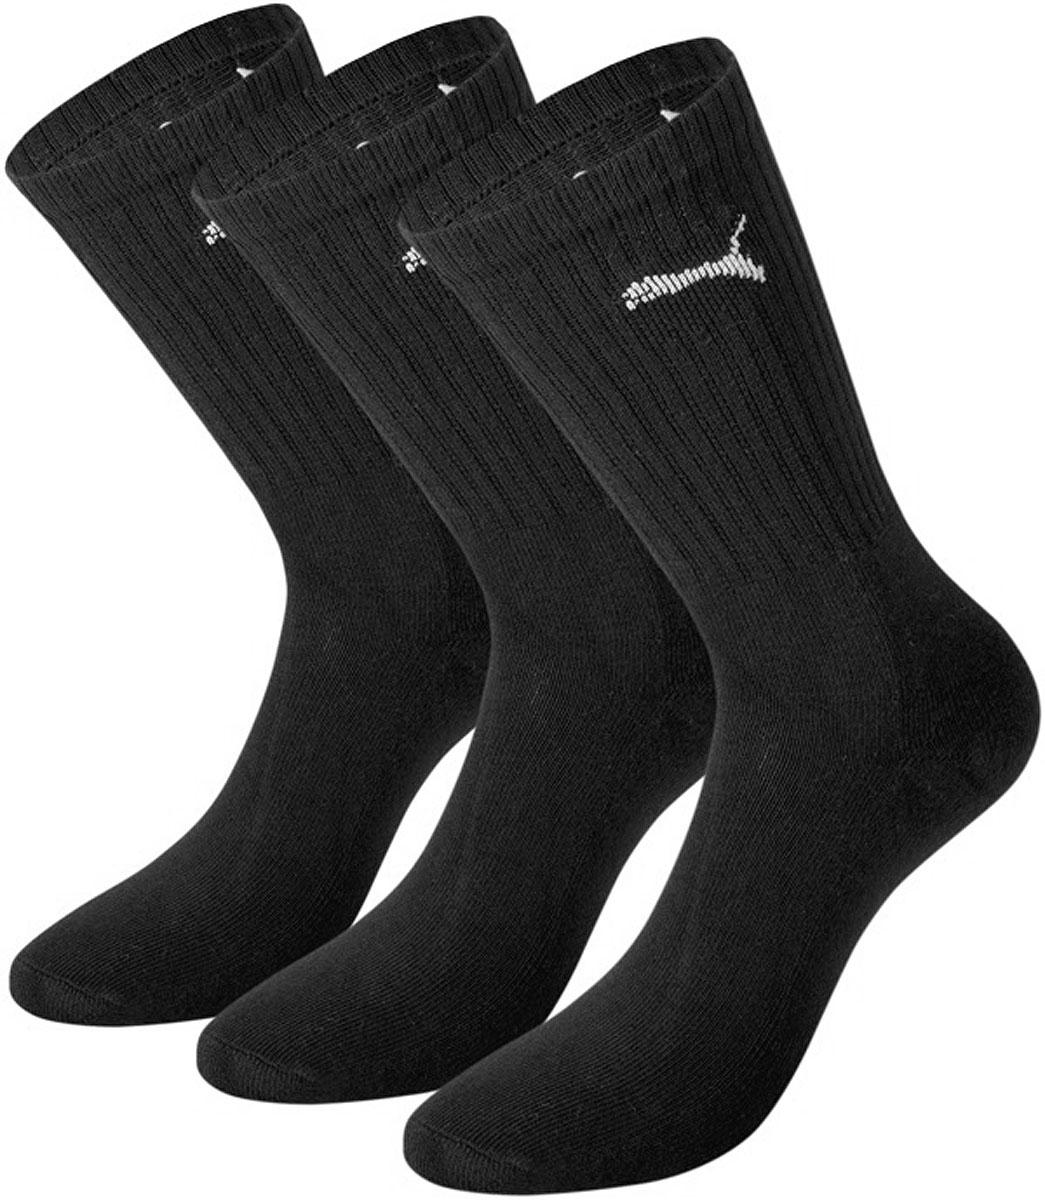 Носки мужские Sport, 3 пары. 88035588035510Спортивные носки Puma Sport изготовлены из хлопка с добавлением полиэстера и эластана. Комфортная широкая резинка не сдавливает и комфортно облегает ногу. Оформлены носки логотипом бренда. Идеальное сочетание практичности, легкости и комфорта. В комплект входят три пары носков.